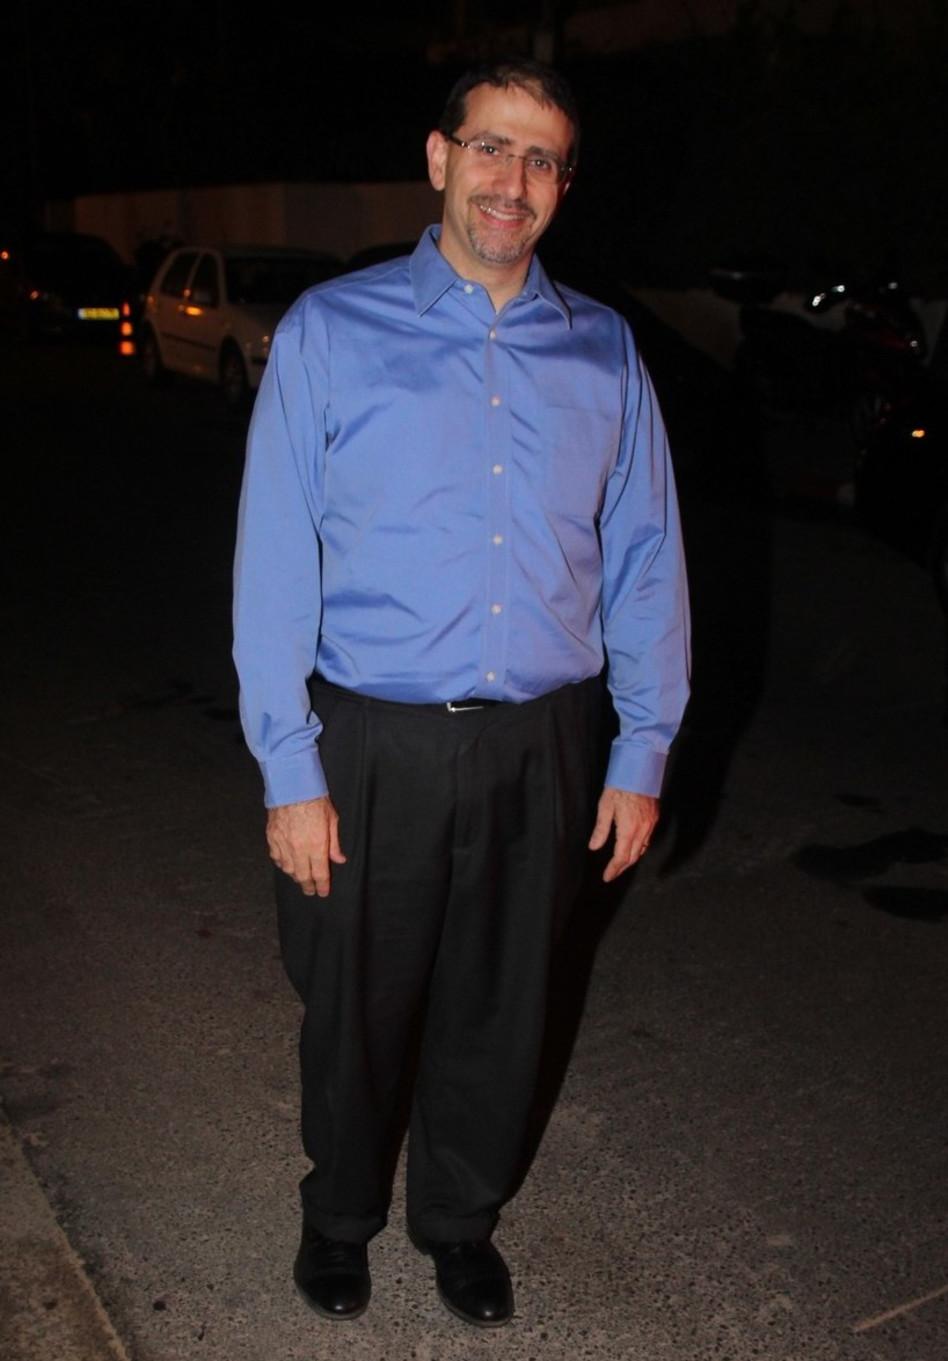 דן שפירו (צילום: ניר פקין)